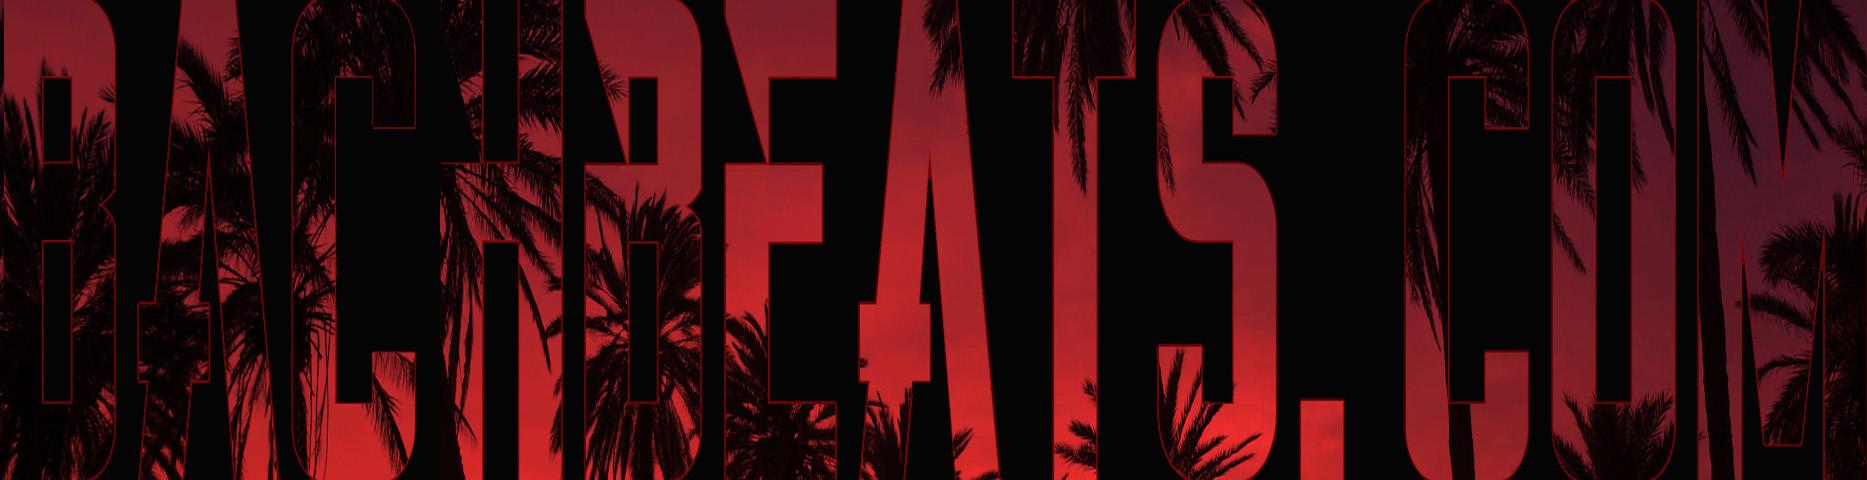 bachbeats.com-logo-banner-sunset-final-cutoutblachbgtaller